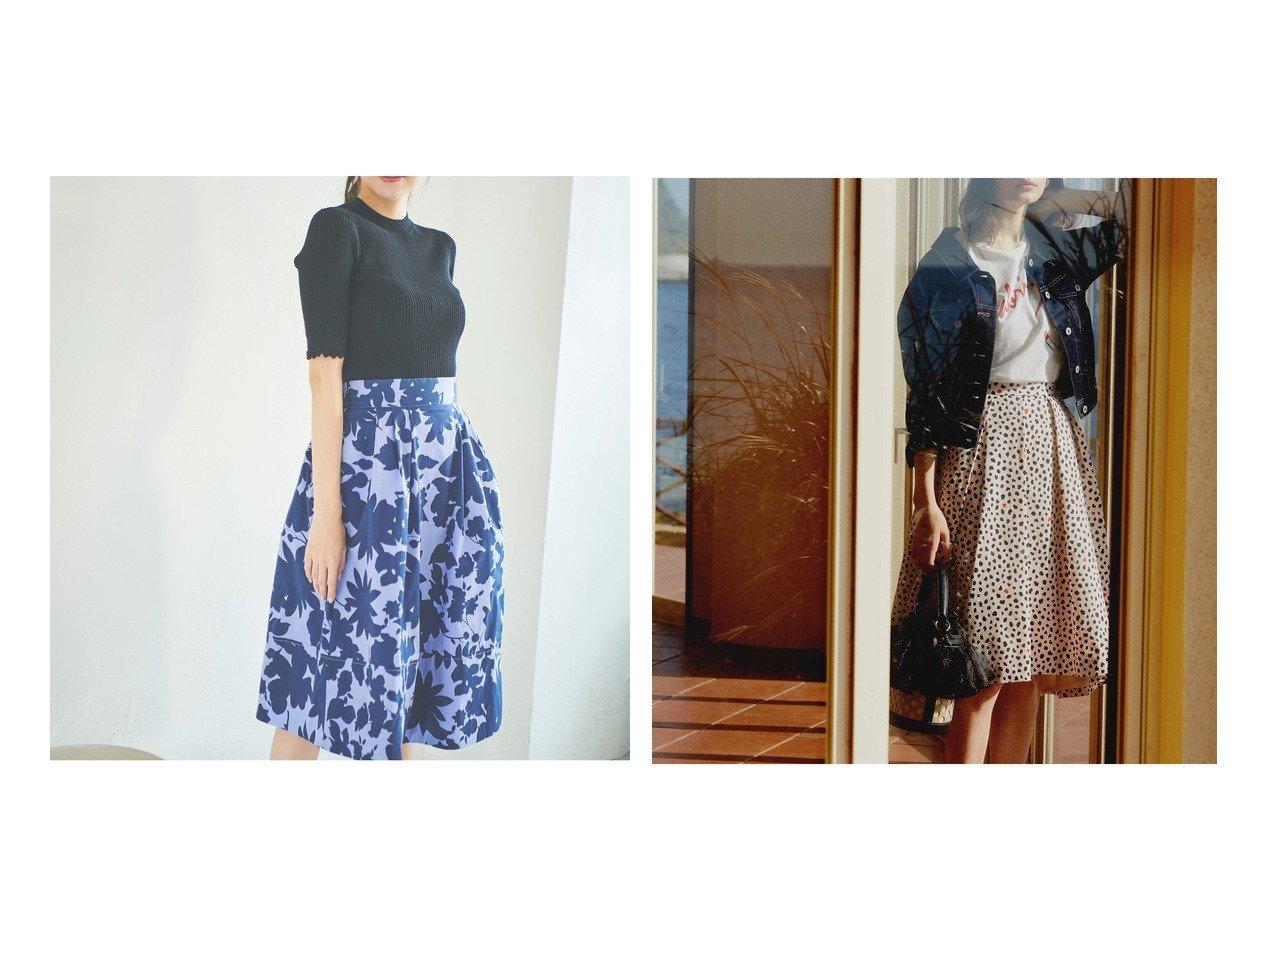 【31 Sons de mode/トランテアン ソン ドゥ モード】のレオパード柄フレアスカート&タイプライター花柄スカート スカートのおすすめ!人気、トレンド・レディースファッションの通販 おすすめで人気の流行・トレンド、ファッションの通販商品 メンズファッション・キッズファッション・インテリア・家具・レディースファッション・服の通販 founy(ファニー) https://founy.com/ ファッション Fashion レディースファッション WOMEN スカート Skirt Aライン/フレアスカート Flared A-Line Skirts NEW・新作・新着・新入荷 New Arrivals 2021年 2021 2021 春夏 S/S SS Spring/Summer 2021 S/S 春夏 SS Spring/Summer ギャザー タイプライター フレア プリント ラベンダー 春 Spring ドット レオパード |ID:crp329100000023872